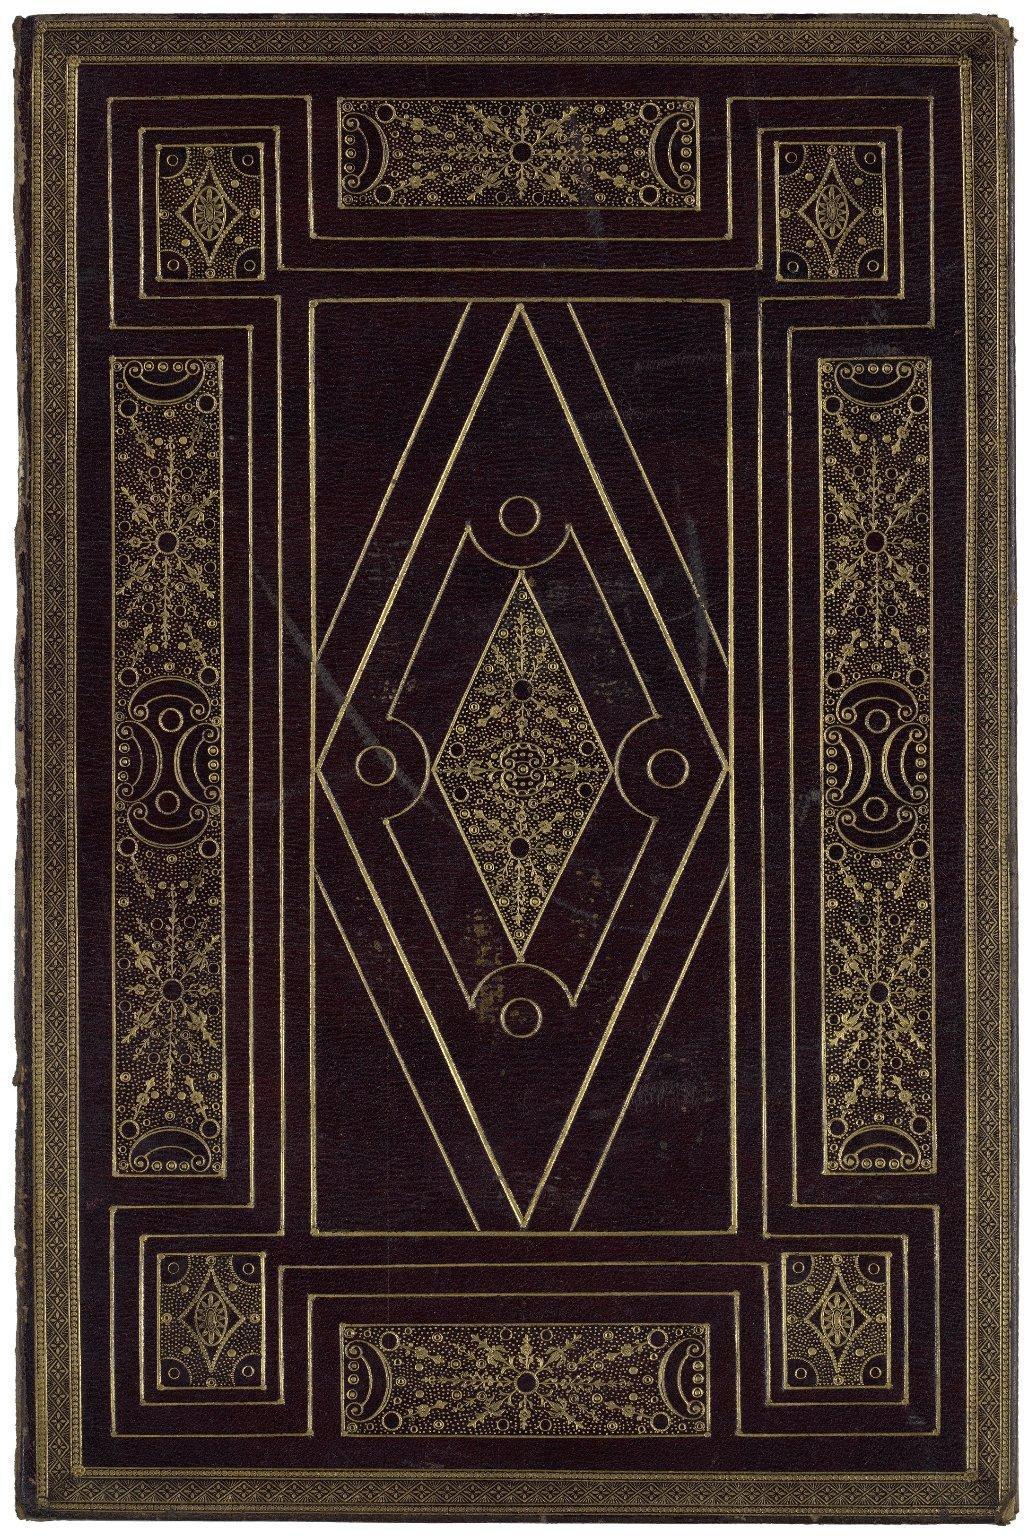 Original ca. 1800 front cover, STC 22273 fo.1 no.79